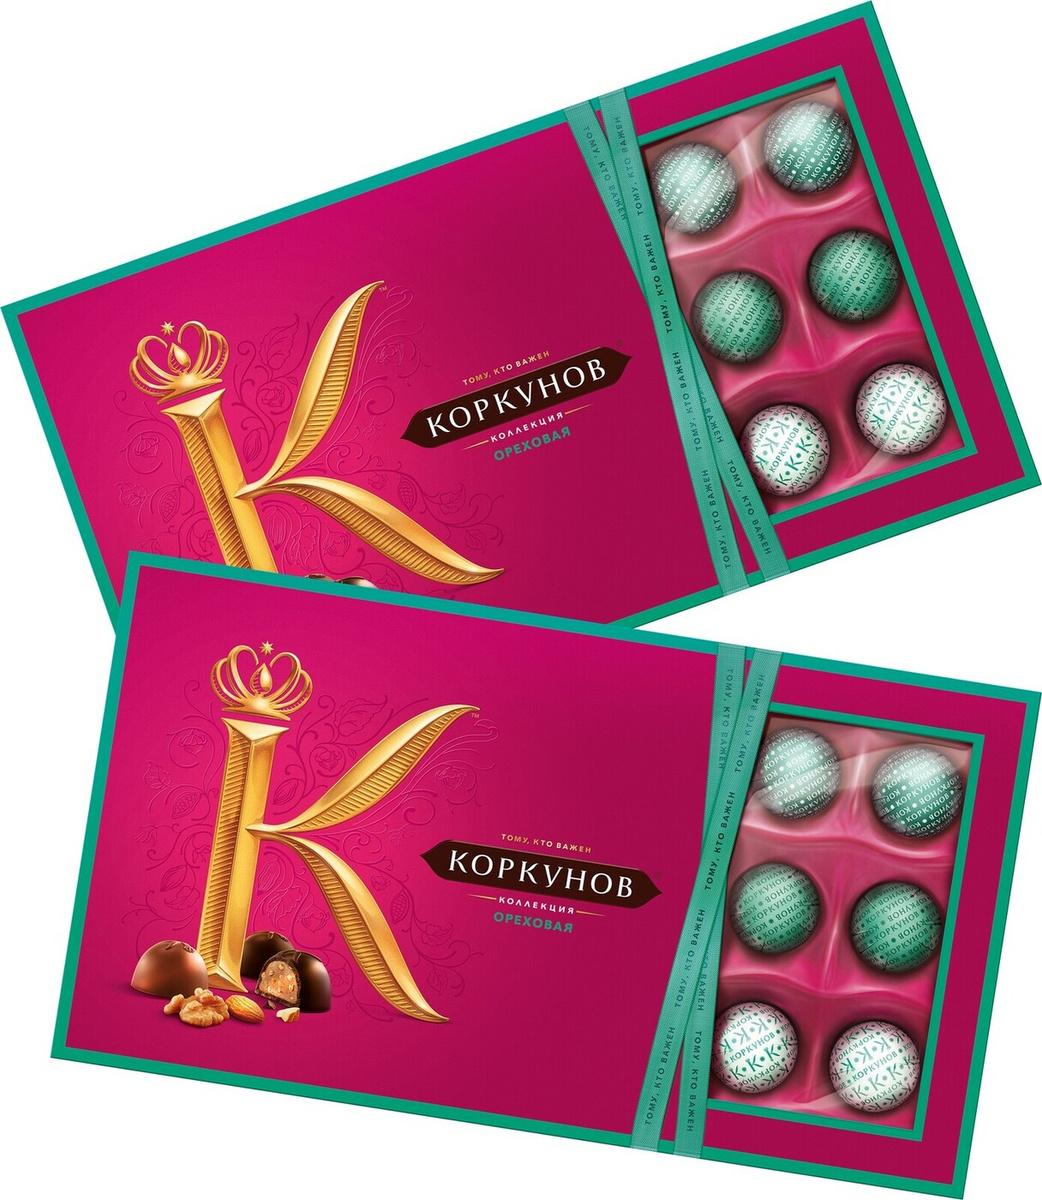 Конфеты в коробке А.Коркунов Ореховая коллекция, шоколадные, 2 шт. по 192 г  #1